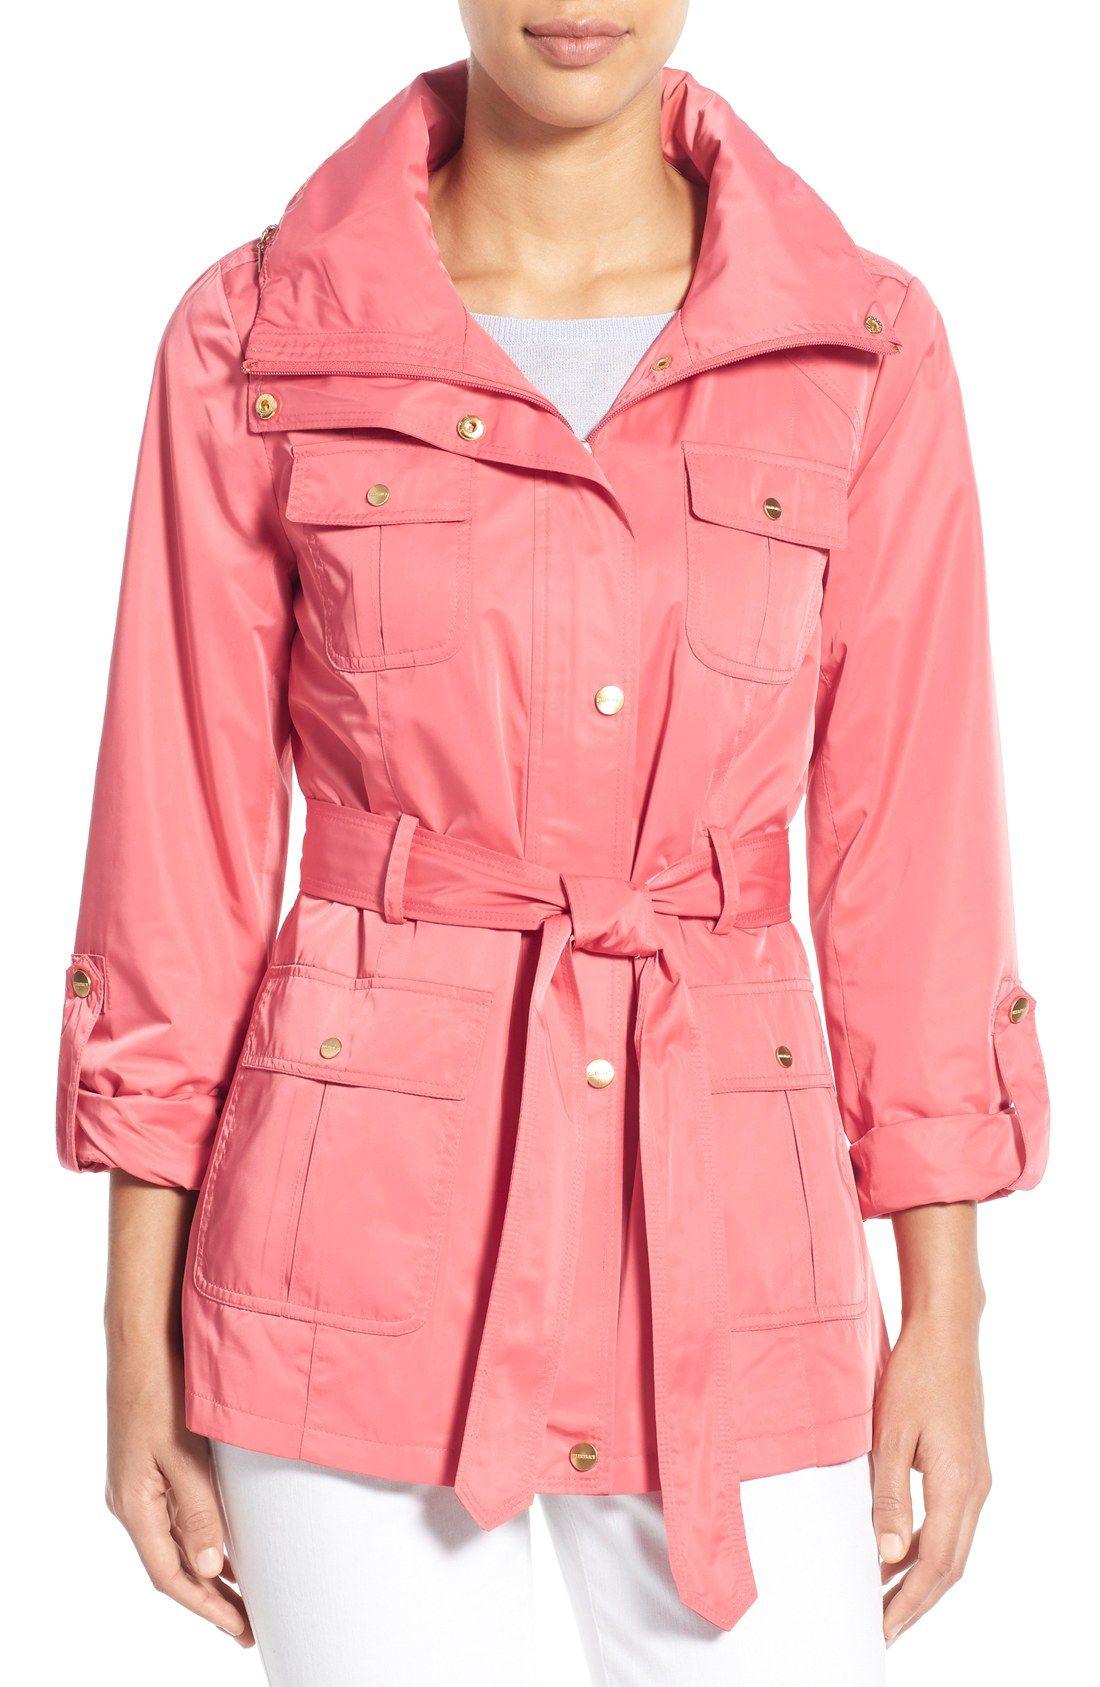 Techno Short Trench Coat | Short trench coat, Ellen tracy and Techno